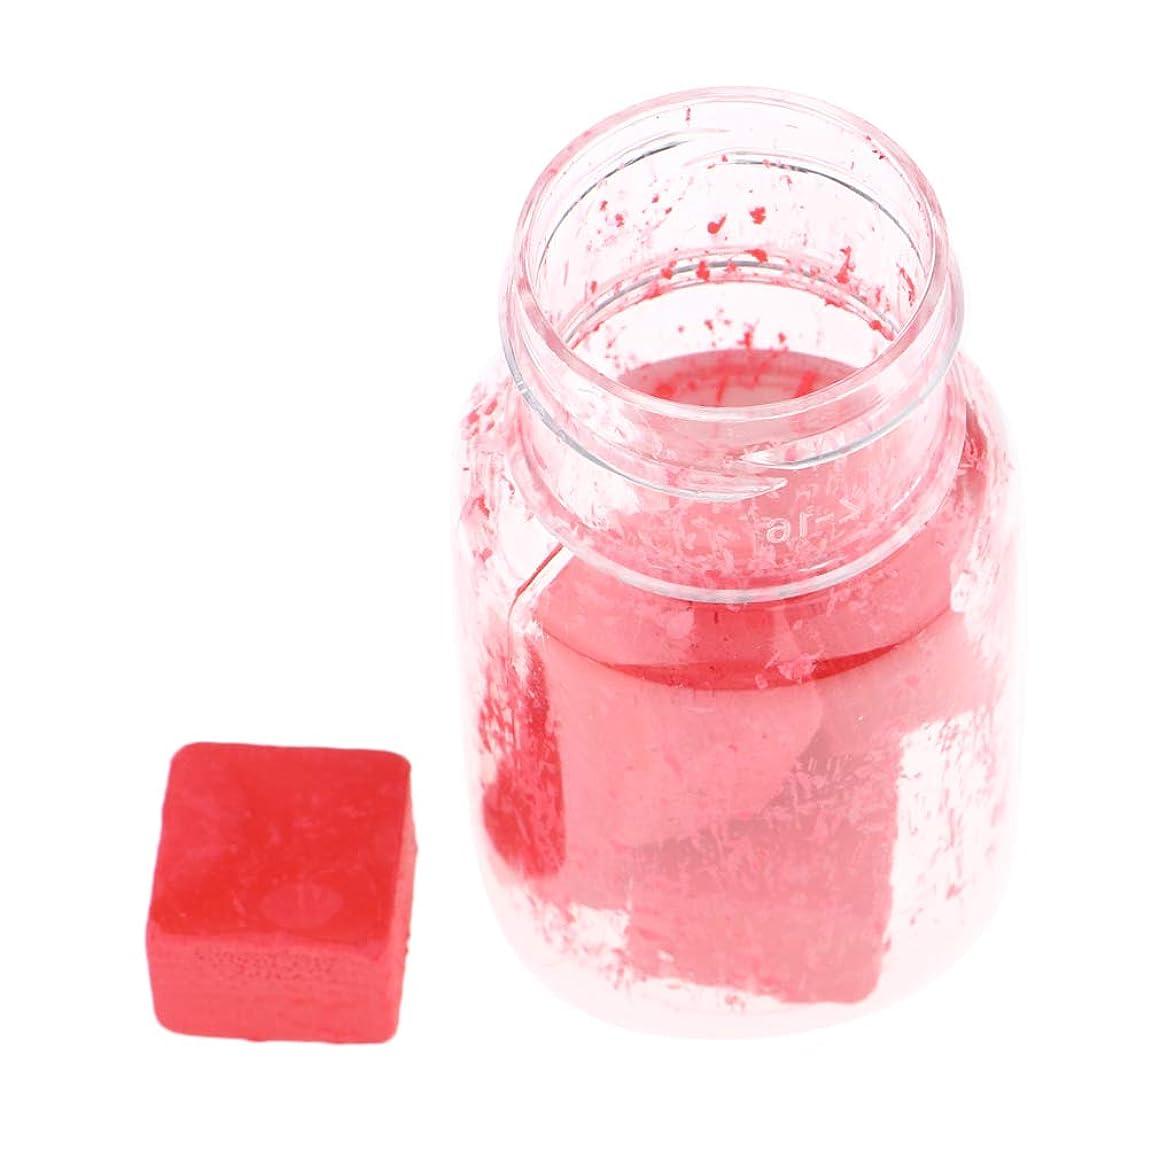 ヒント好意特に口紅の原料 リップスティック顔料 DIYリップライナー DIY工芸品 9色選択でき - I